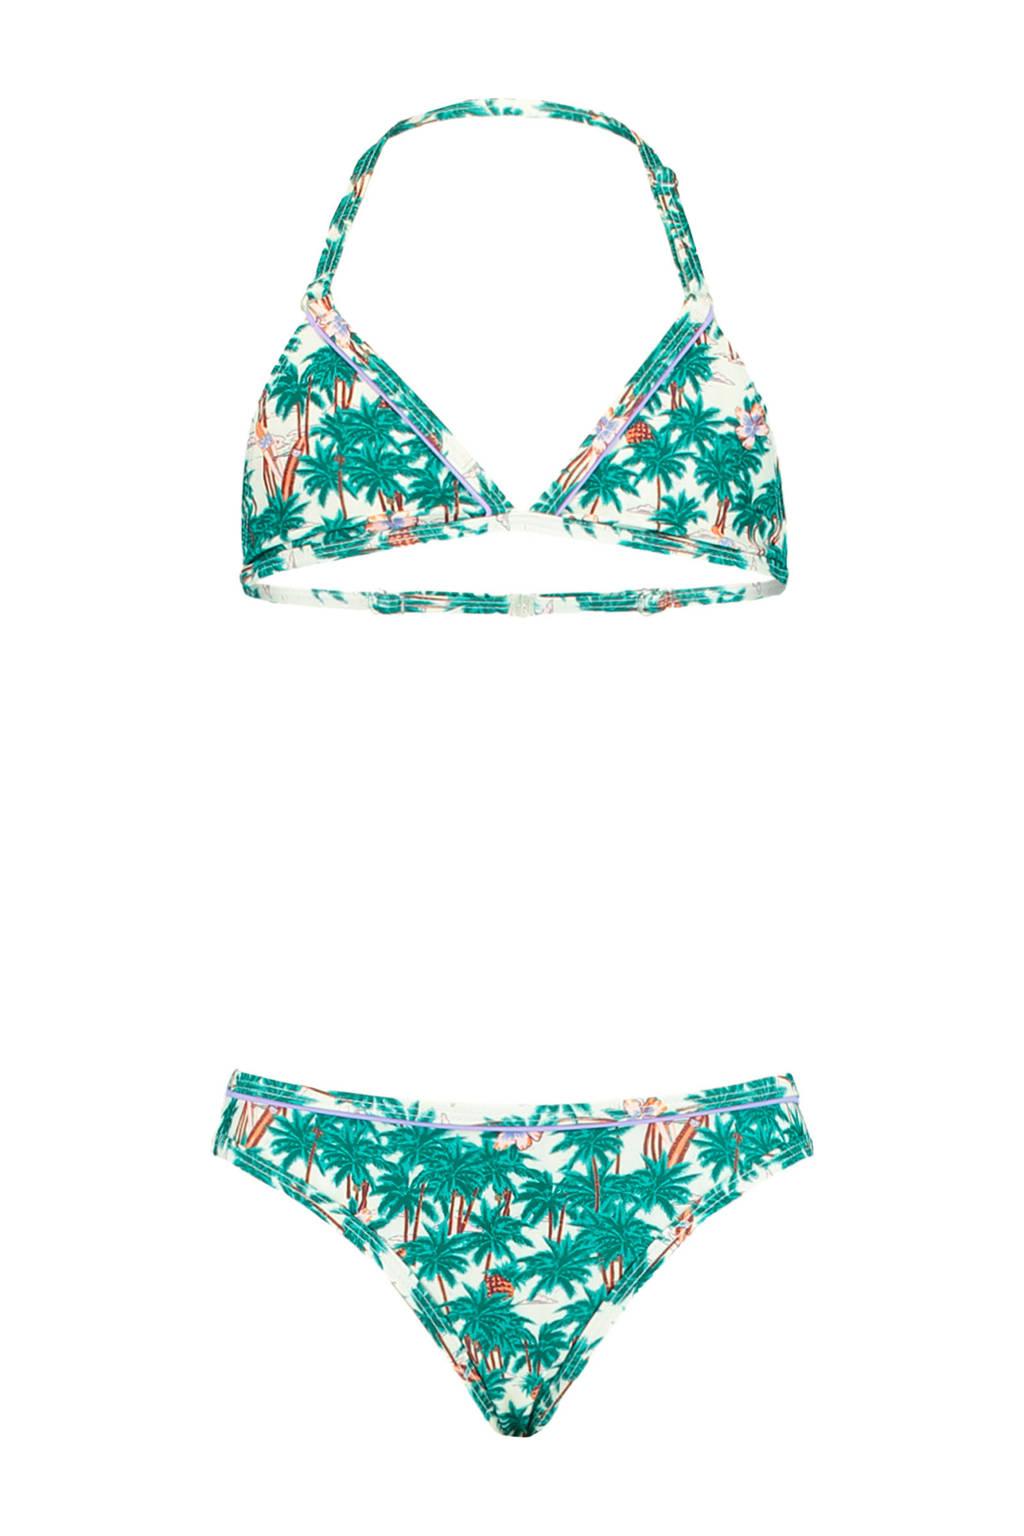 America Today Junior triangel bikini Luna met all over print groen/wit, Groen/wit